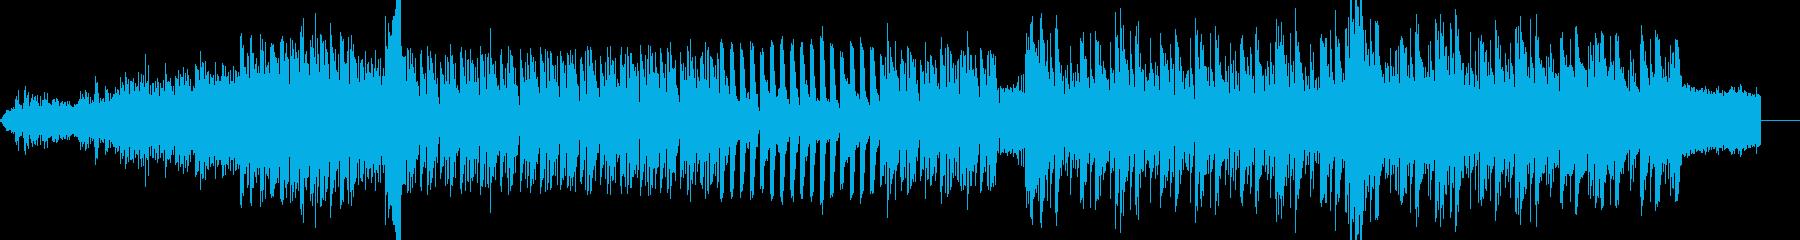 電気的で少し落ち着いた雰囲気の入場曲の再生済みの波形